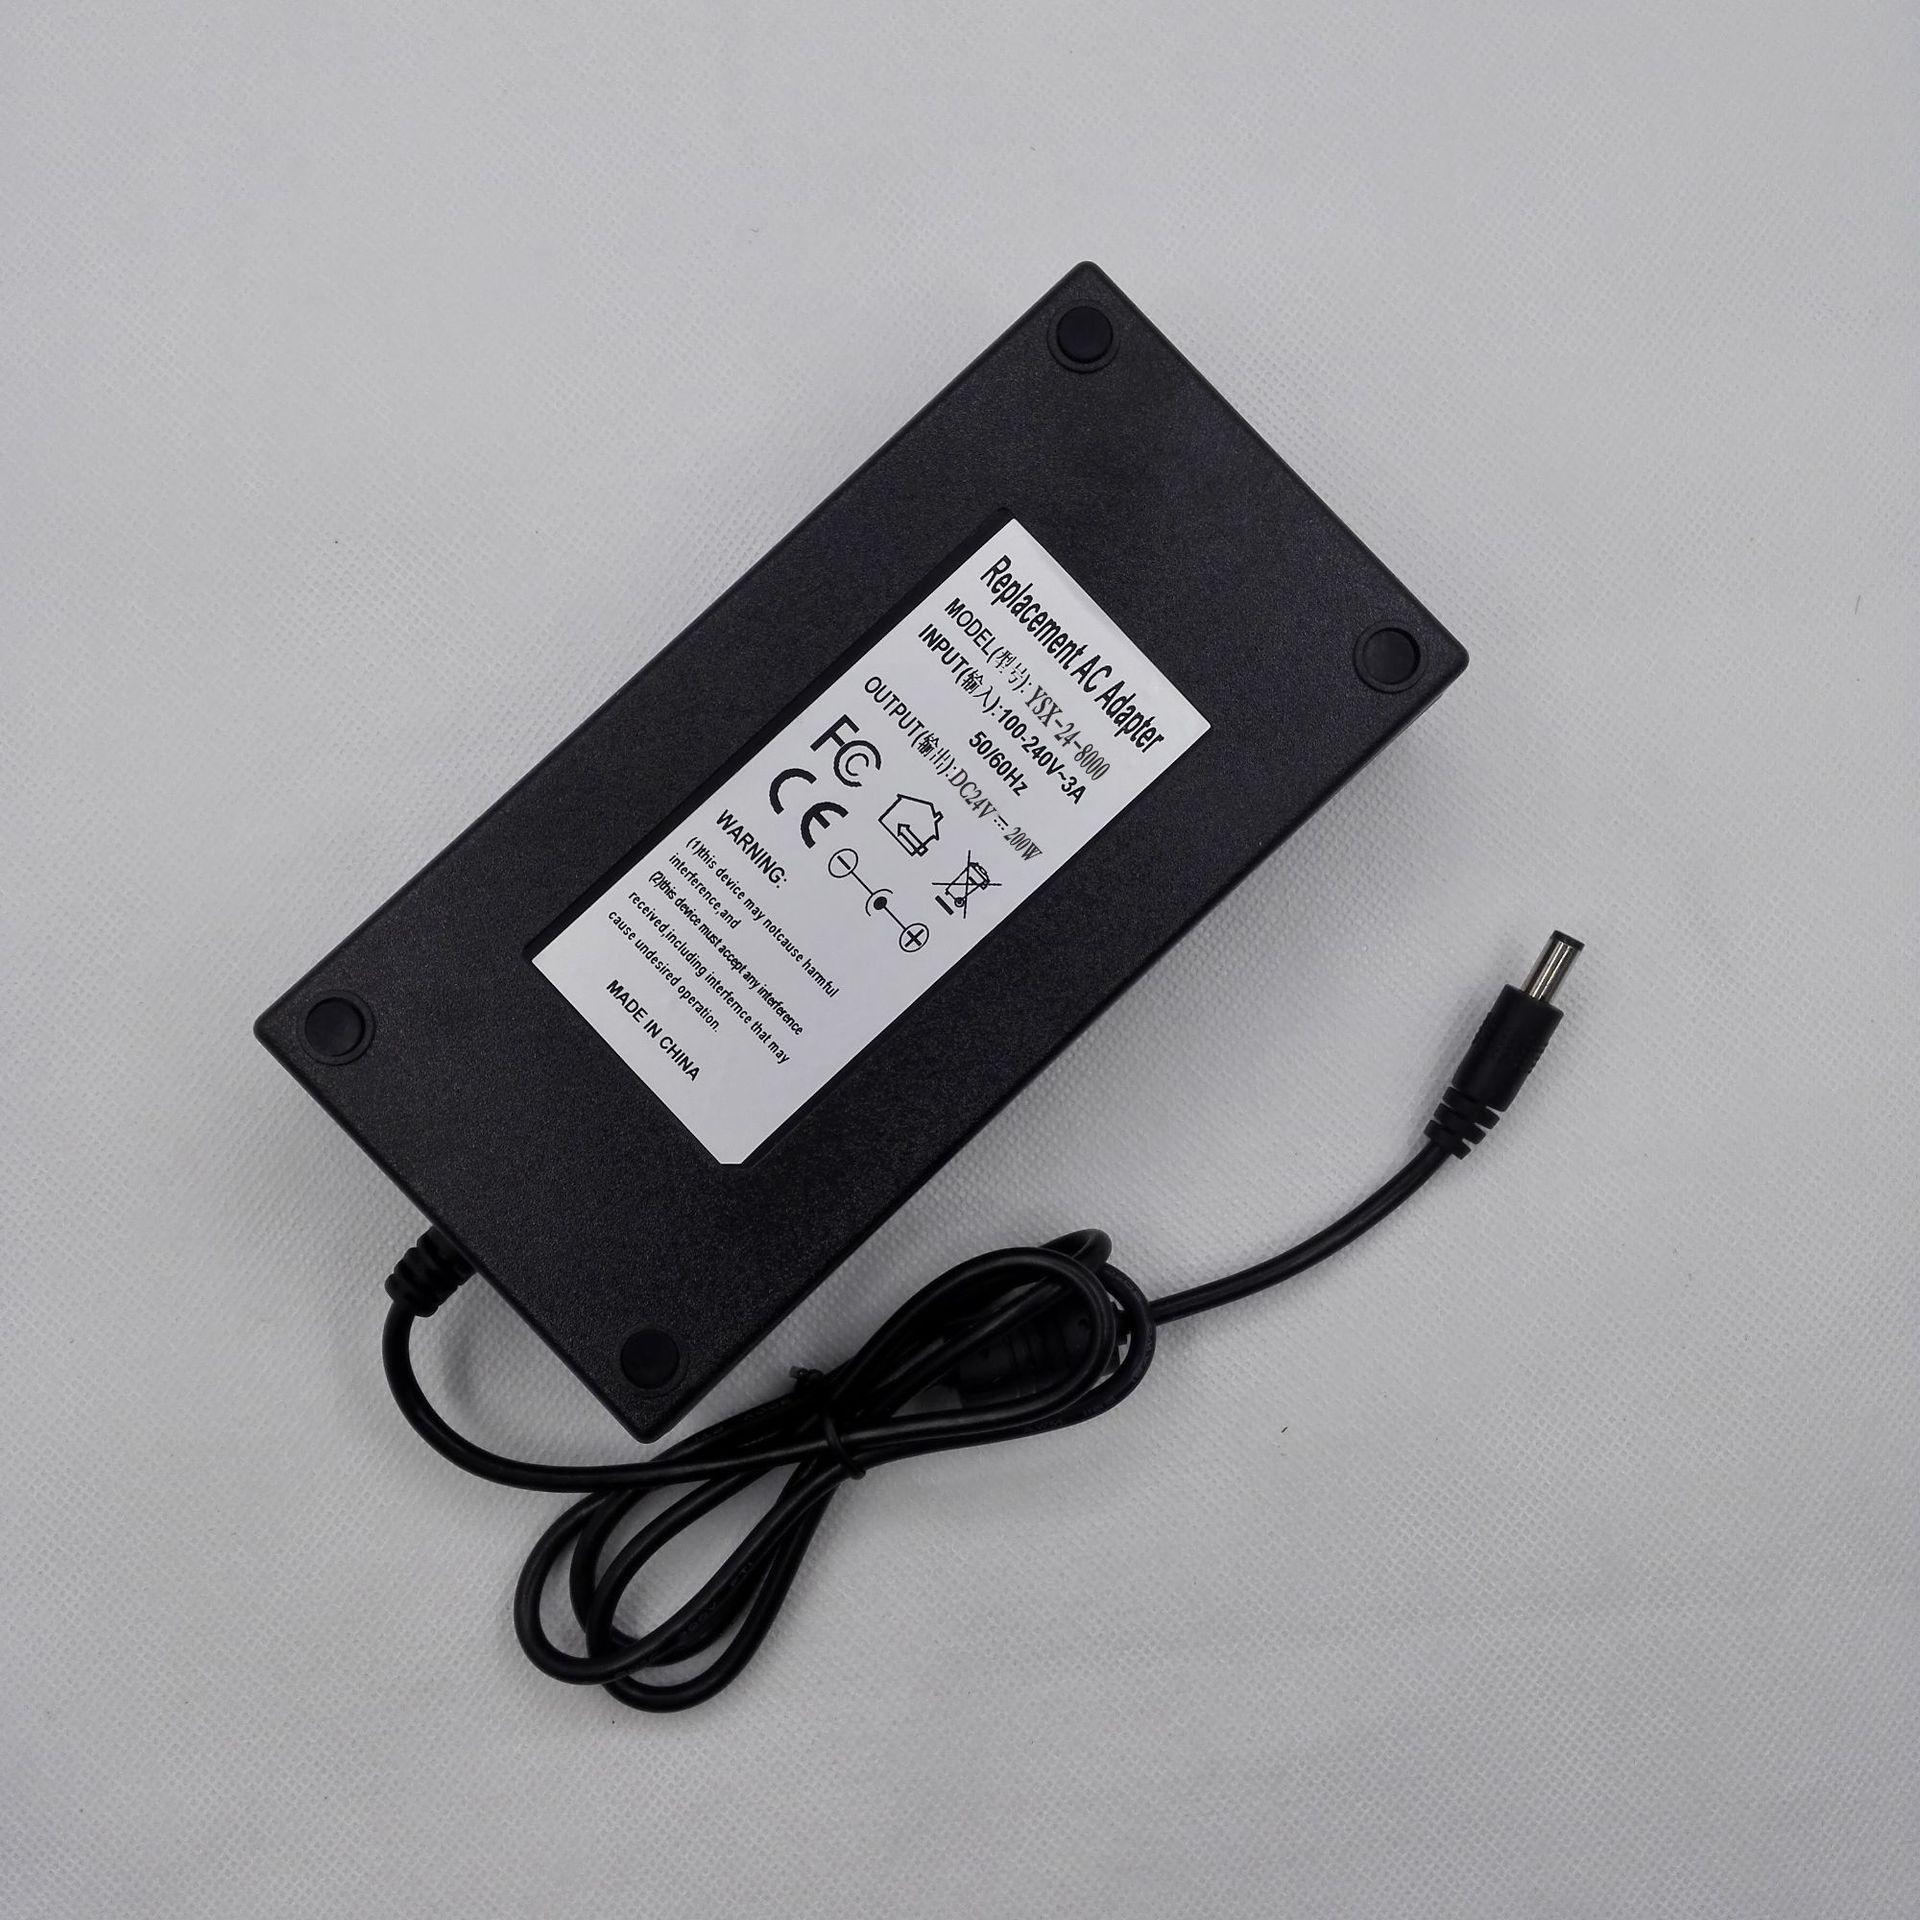 电源适配器,200W, 显示器电源,24V直流电机适配器